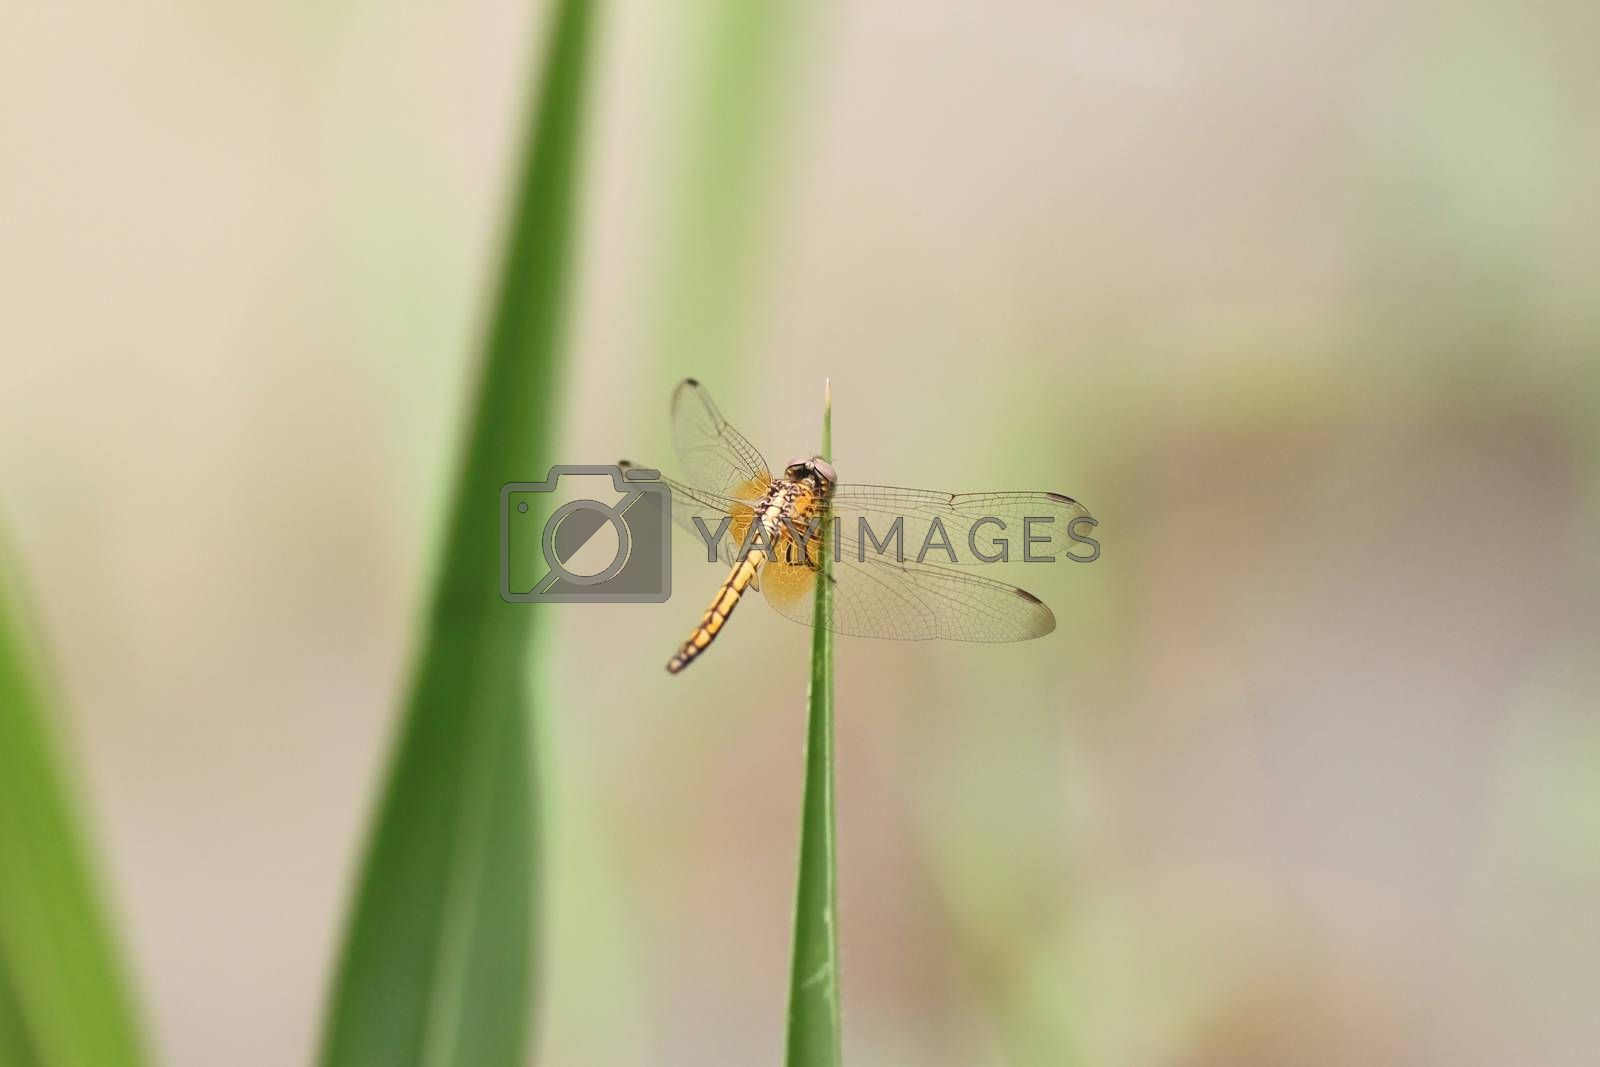 Orange dragonfly on top grass in the garden.